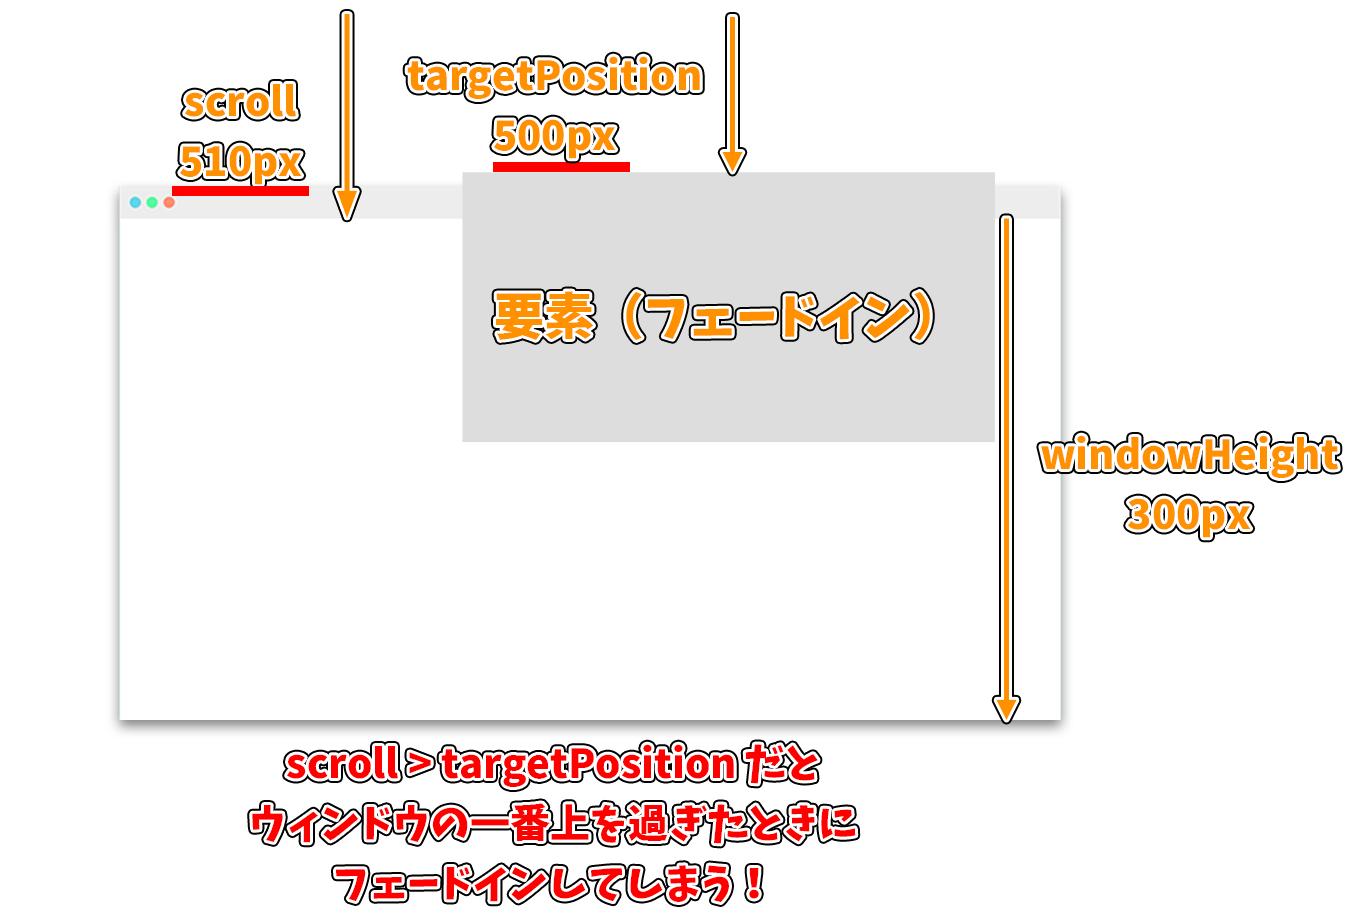 スクロールでフェードインするアニメーションの図解2